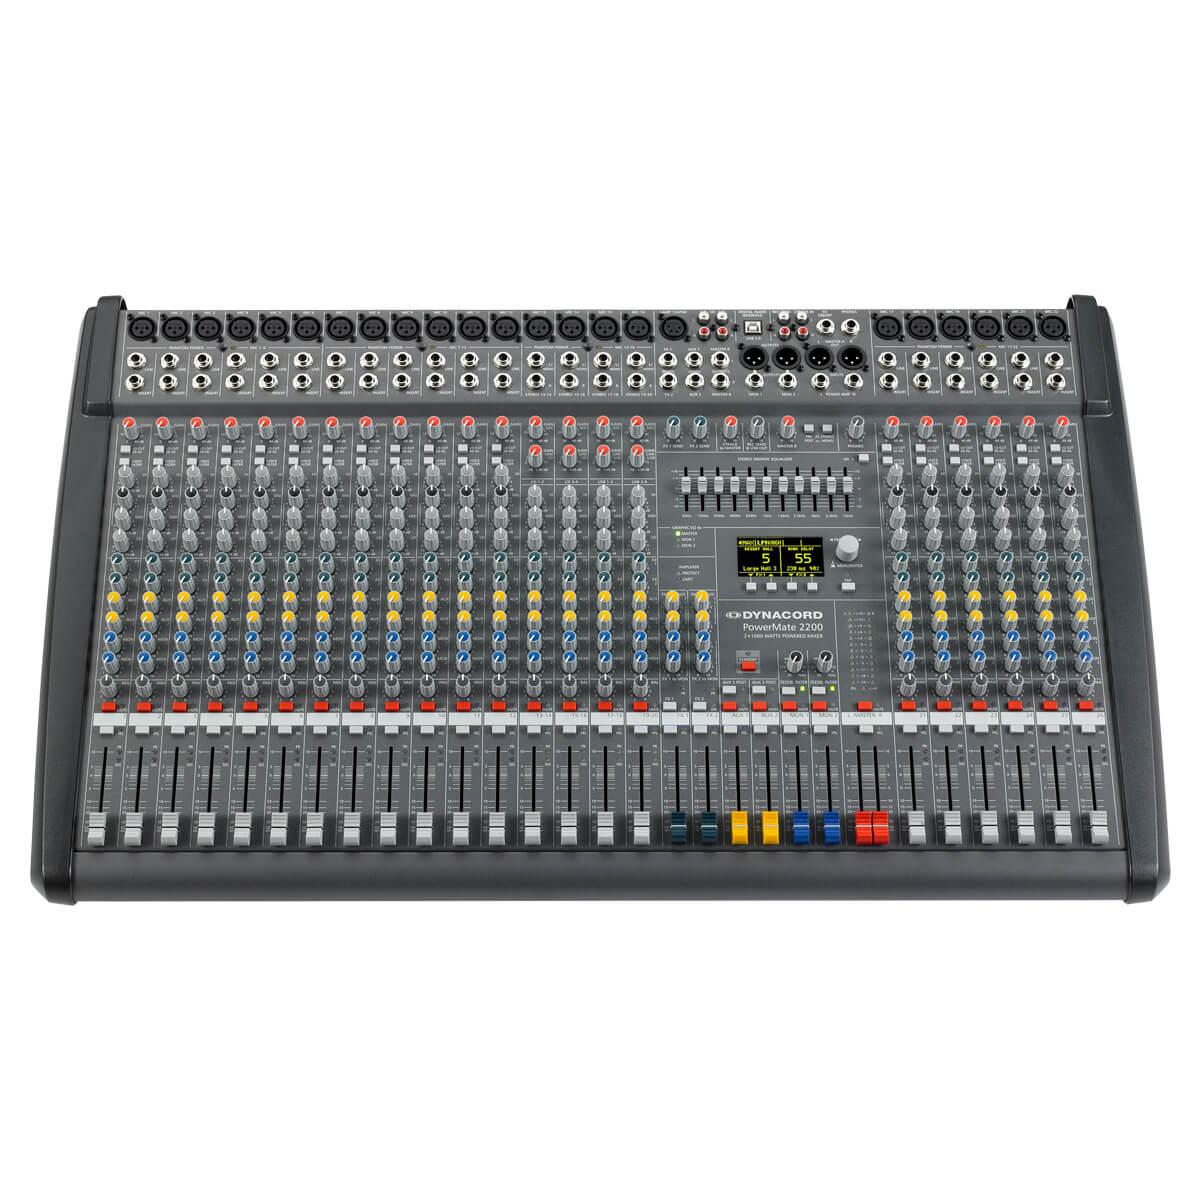 Mixer Dynacord PowerMate 2200-3